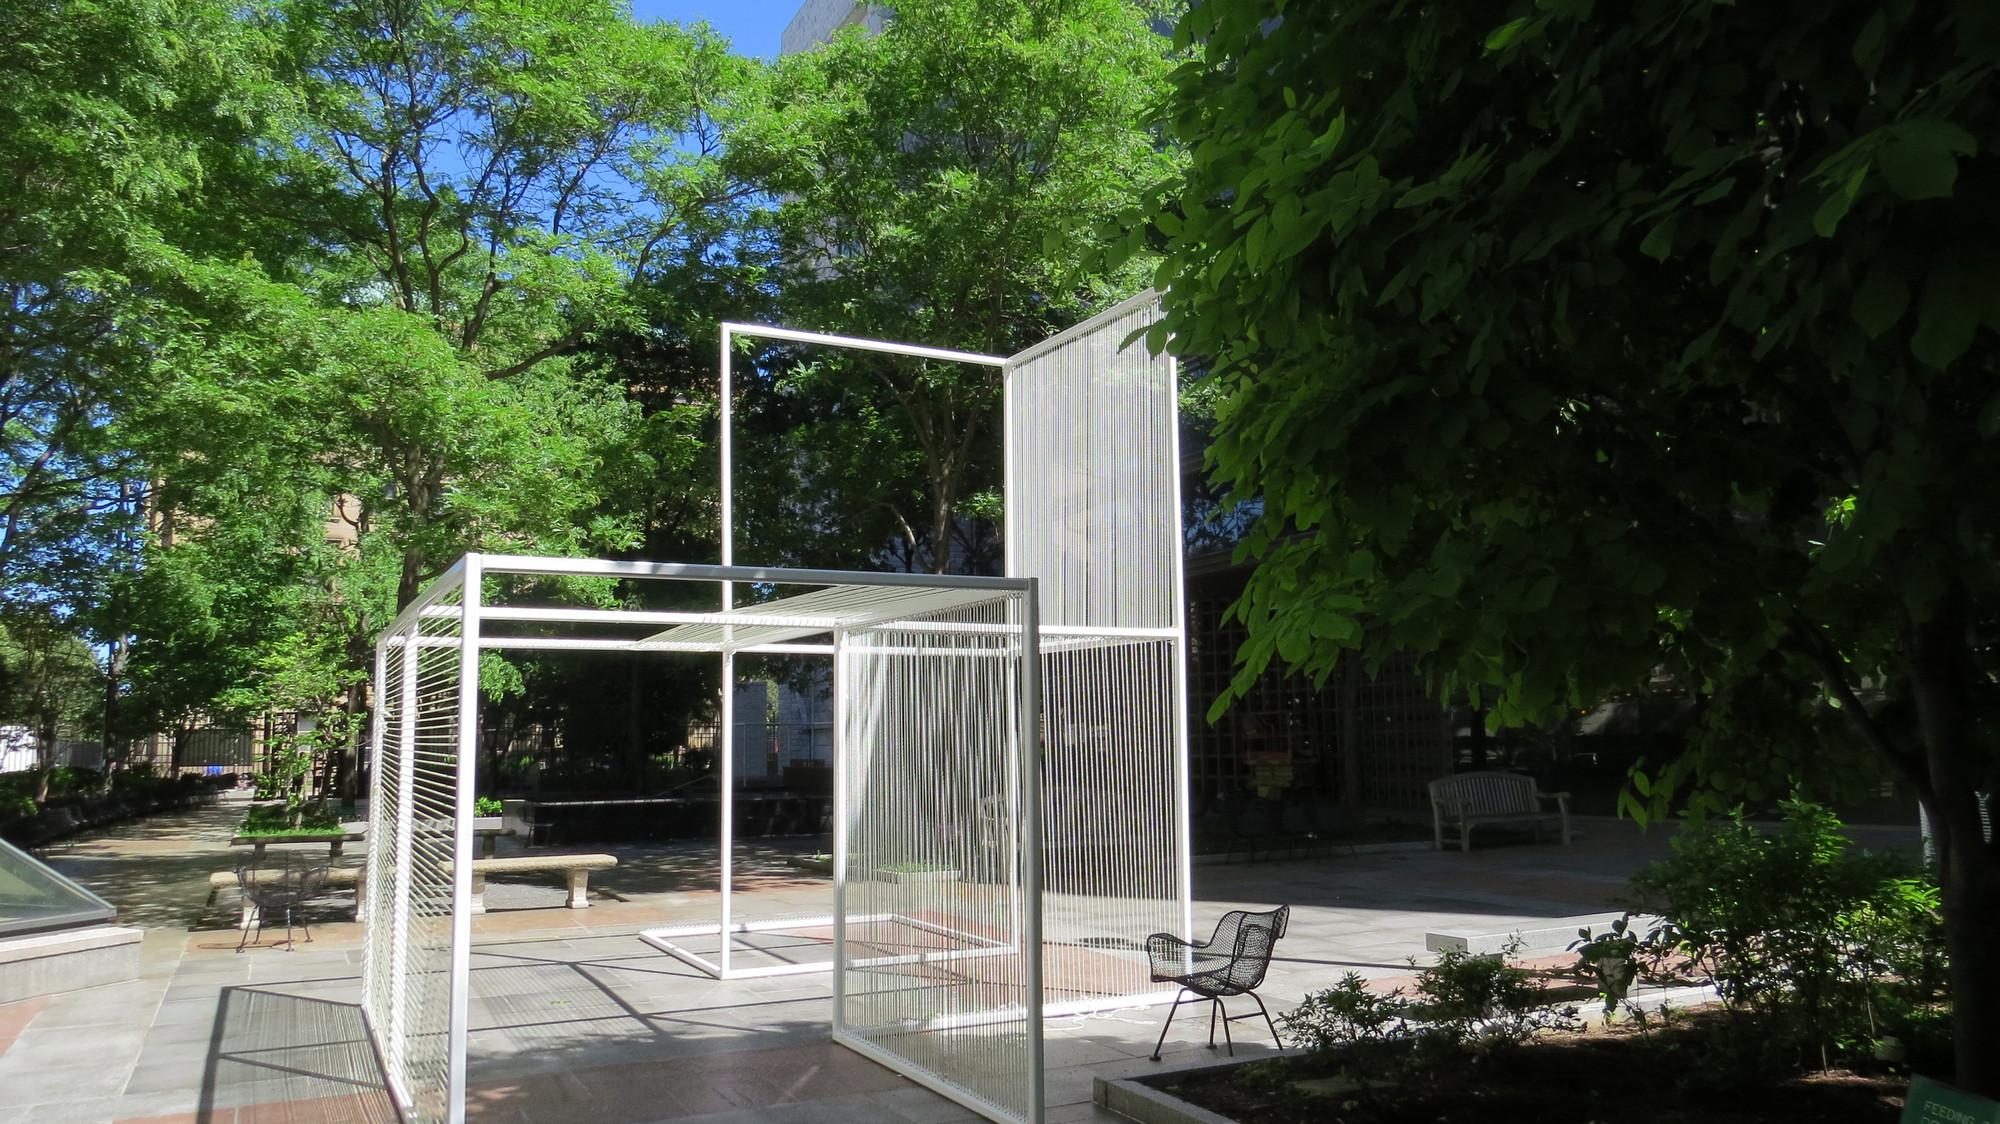 Intervención Urbana: Drawing Lines, escultura que transforma percepción del espacio, Cortesia de x-studio